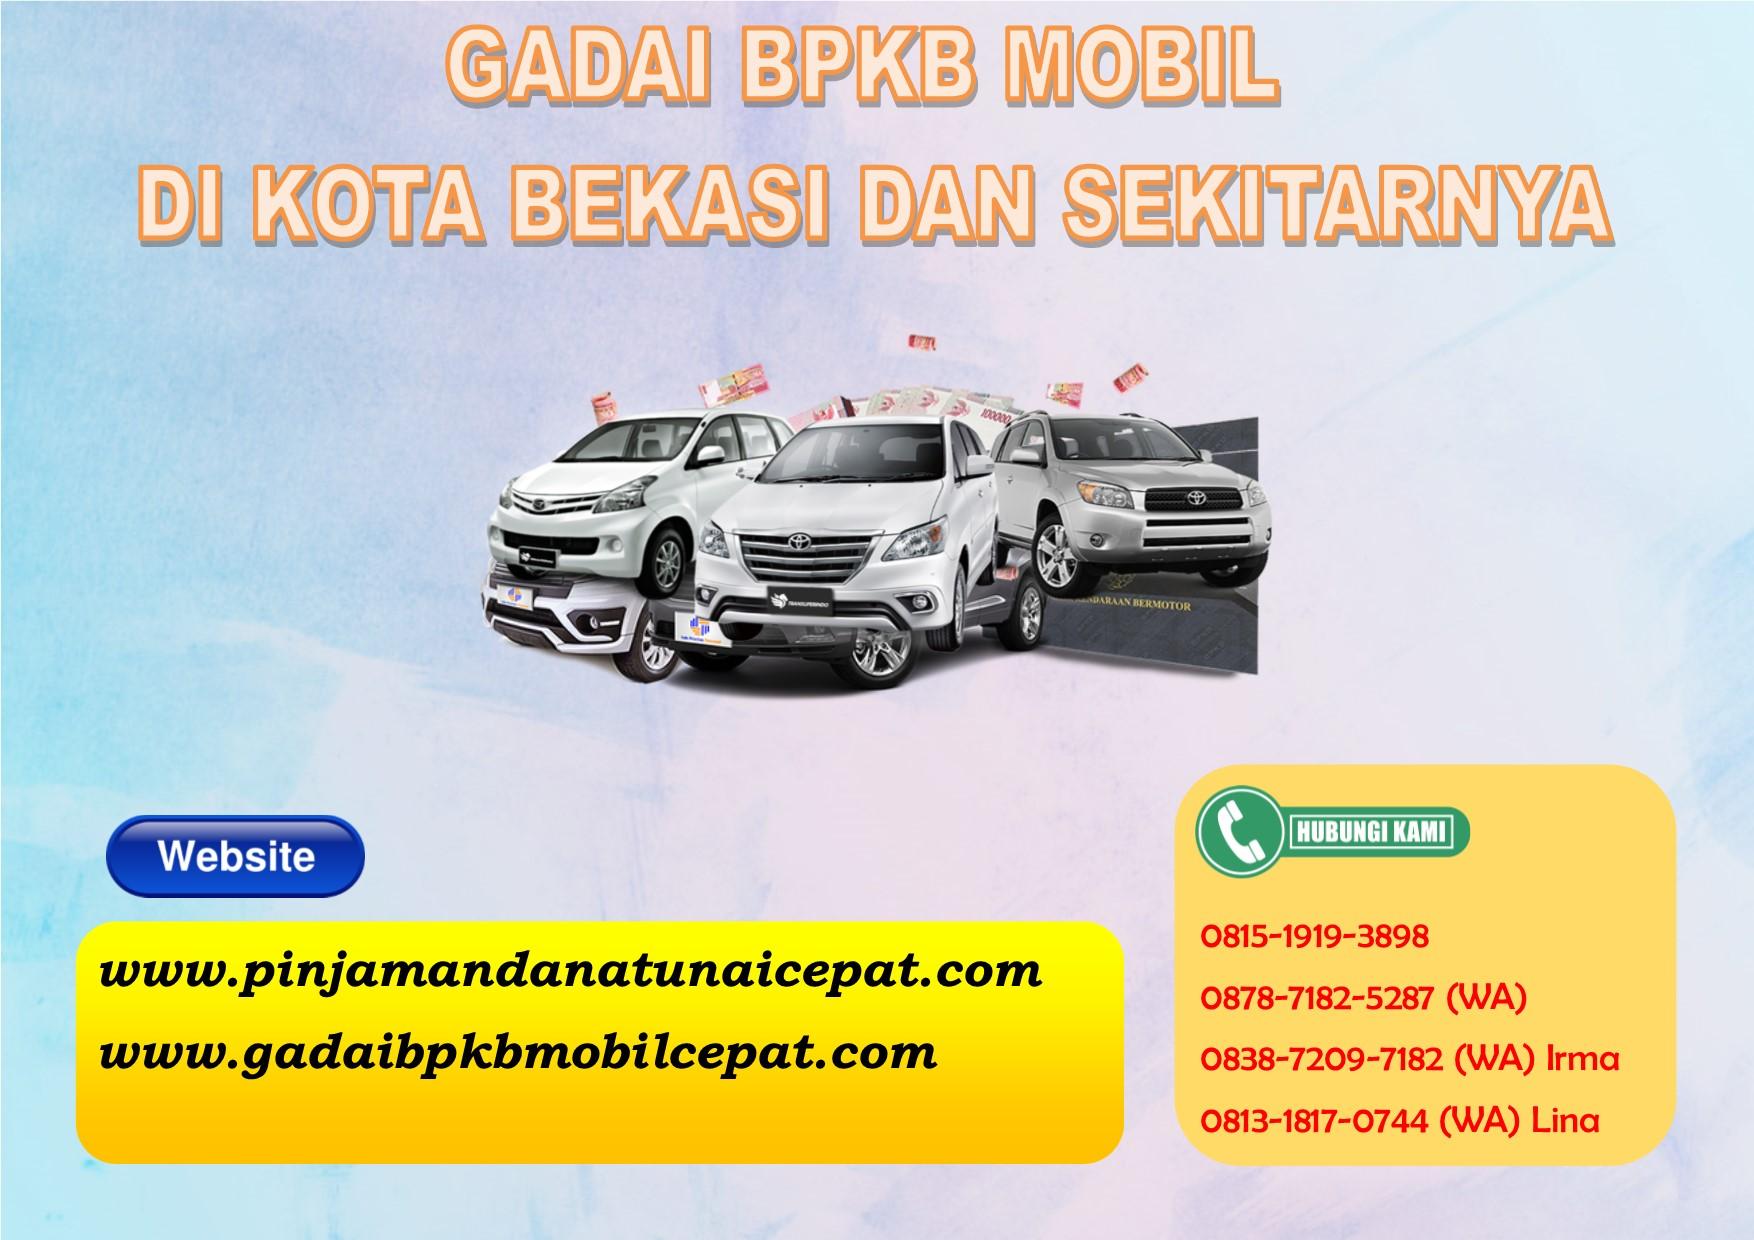 Gadai BPKB Mobil Di Kota Bekasi